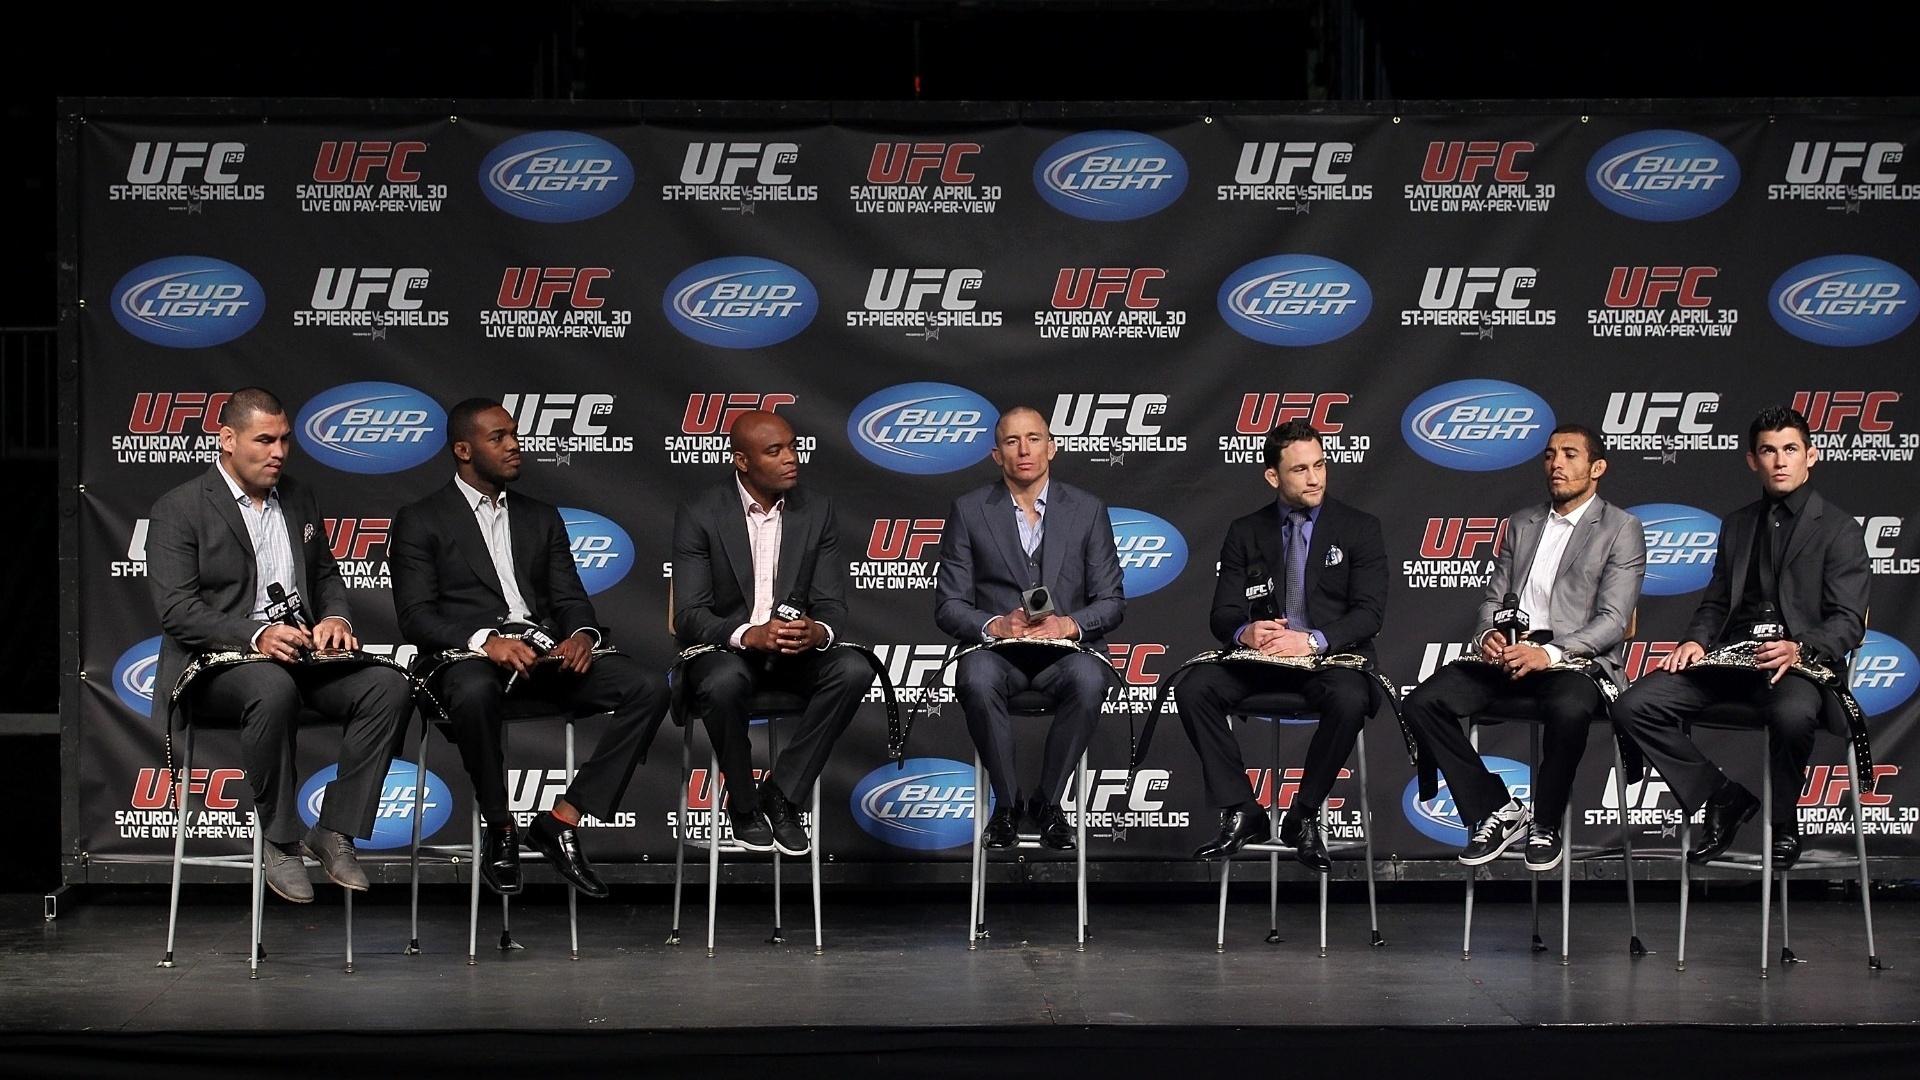 Tem bastante gente dessa foto que não está feliz com o UFC - Blog Na grade